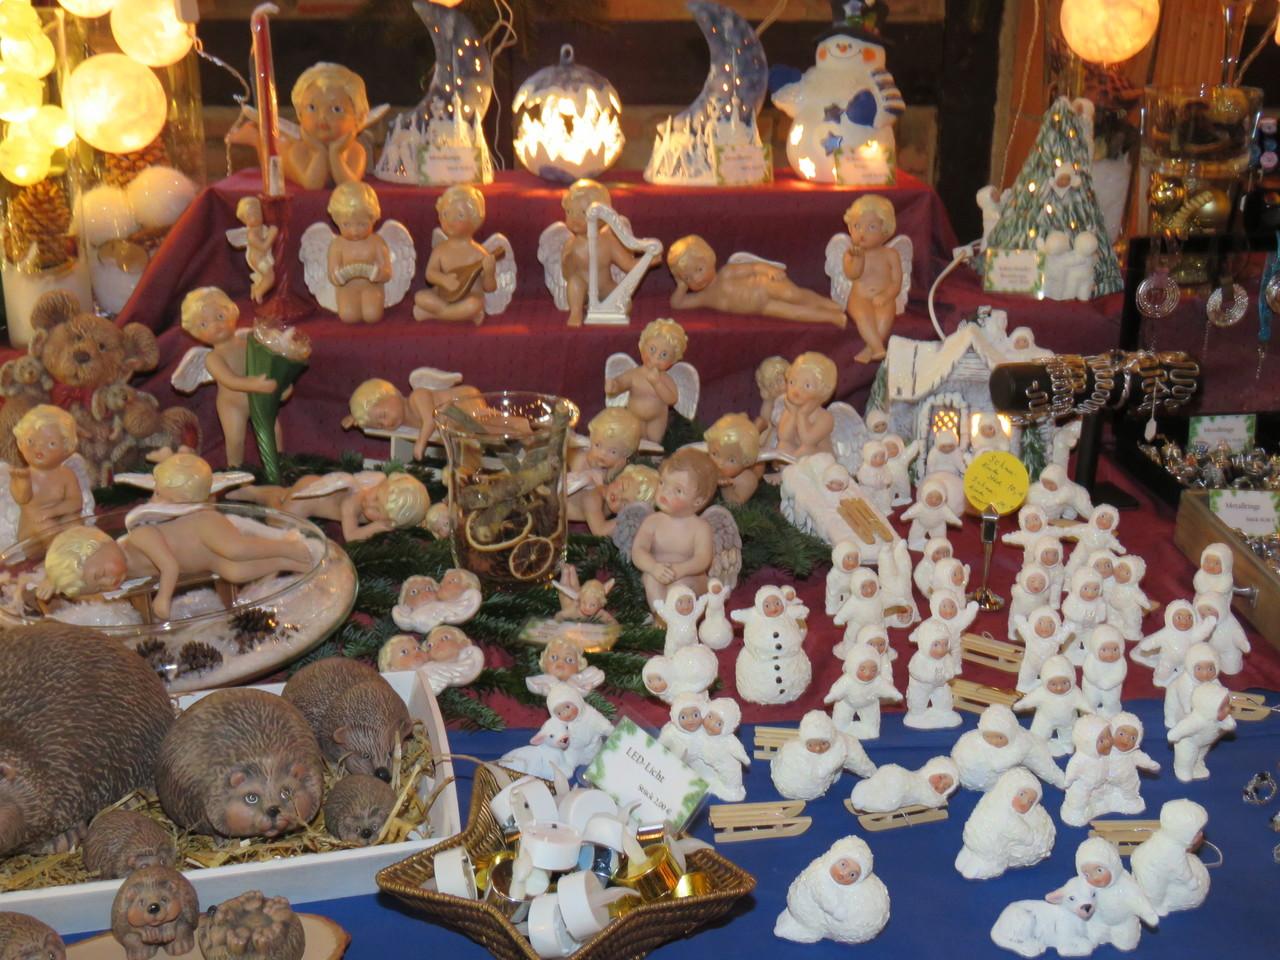 An Dekoartikeln mangelte es nicht auf dem Weihnachtsmarkt in Oyten. Foto: Elke Keppler-Rosenau